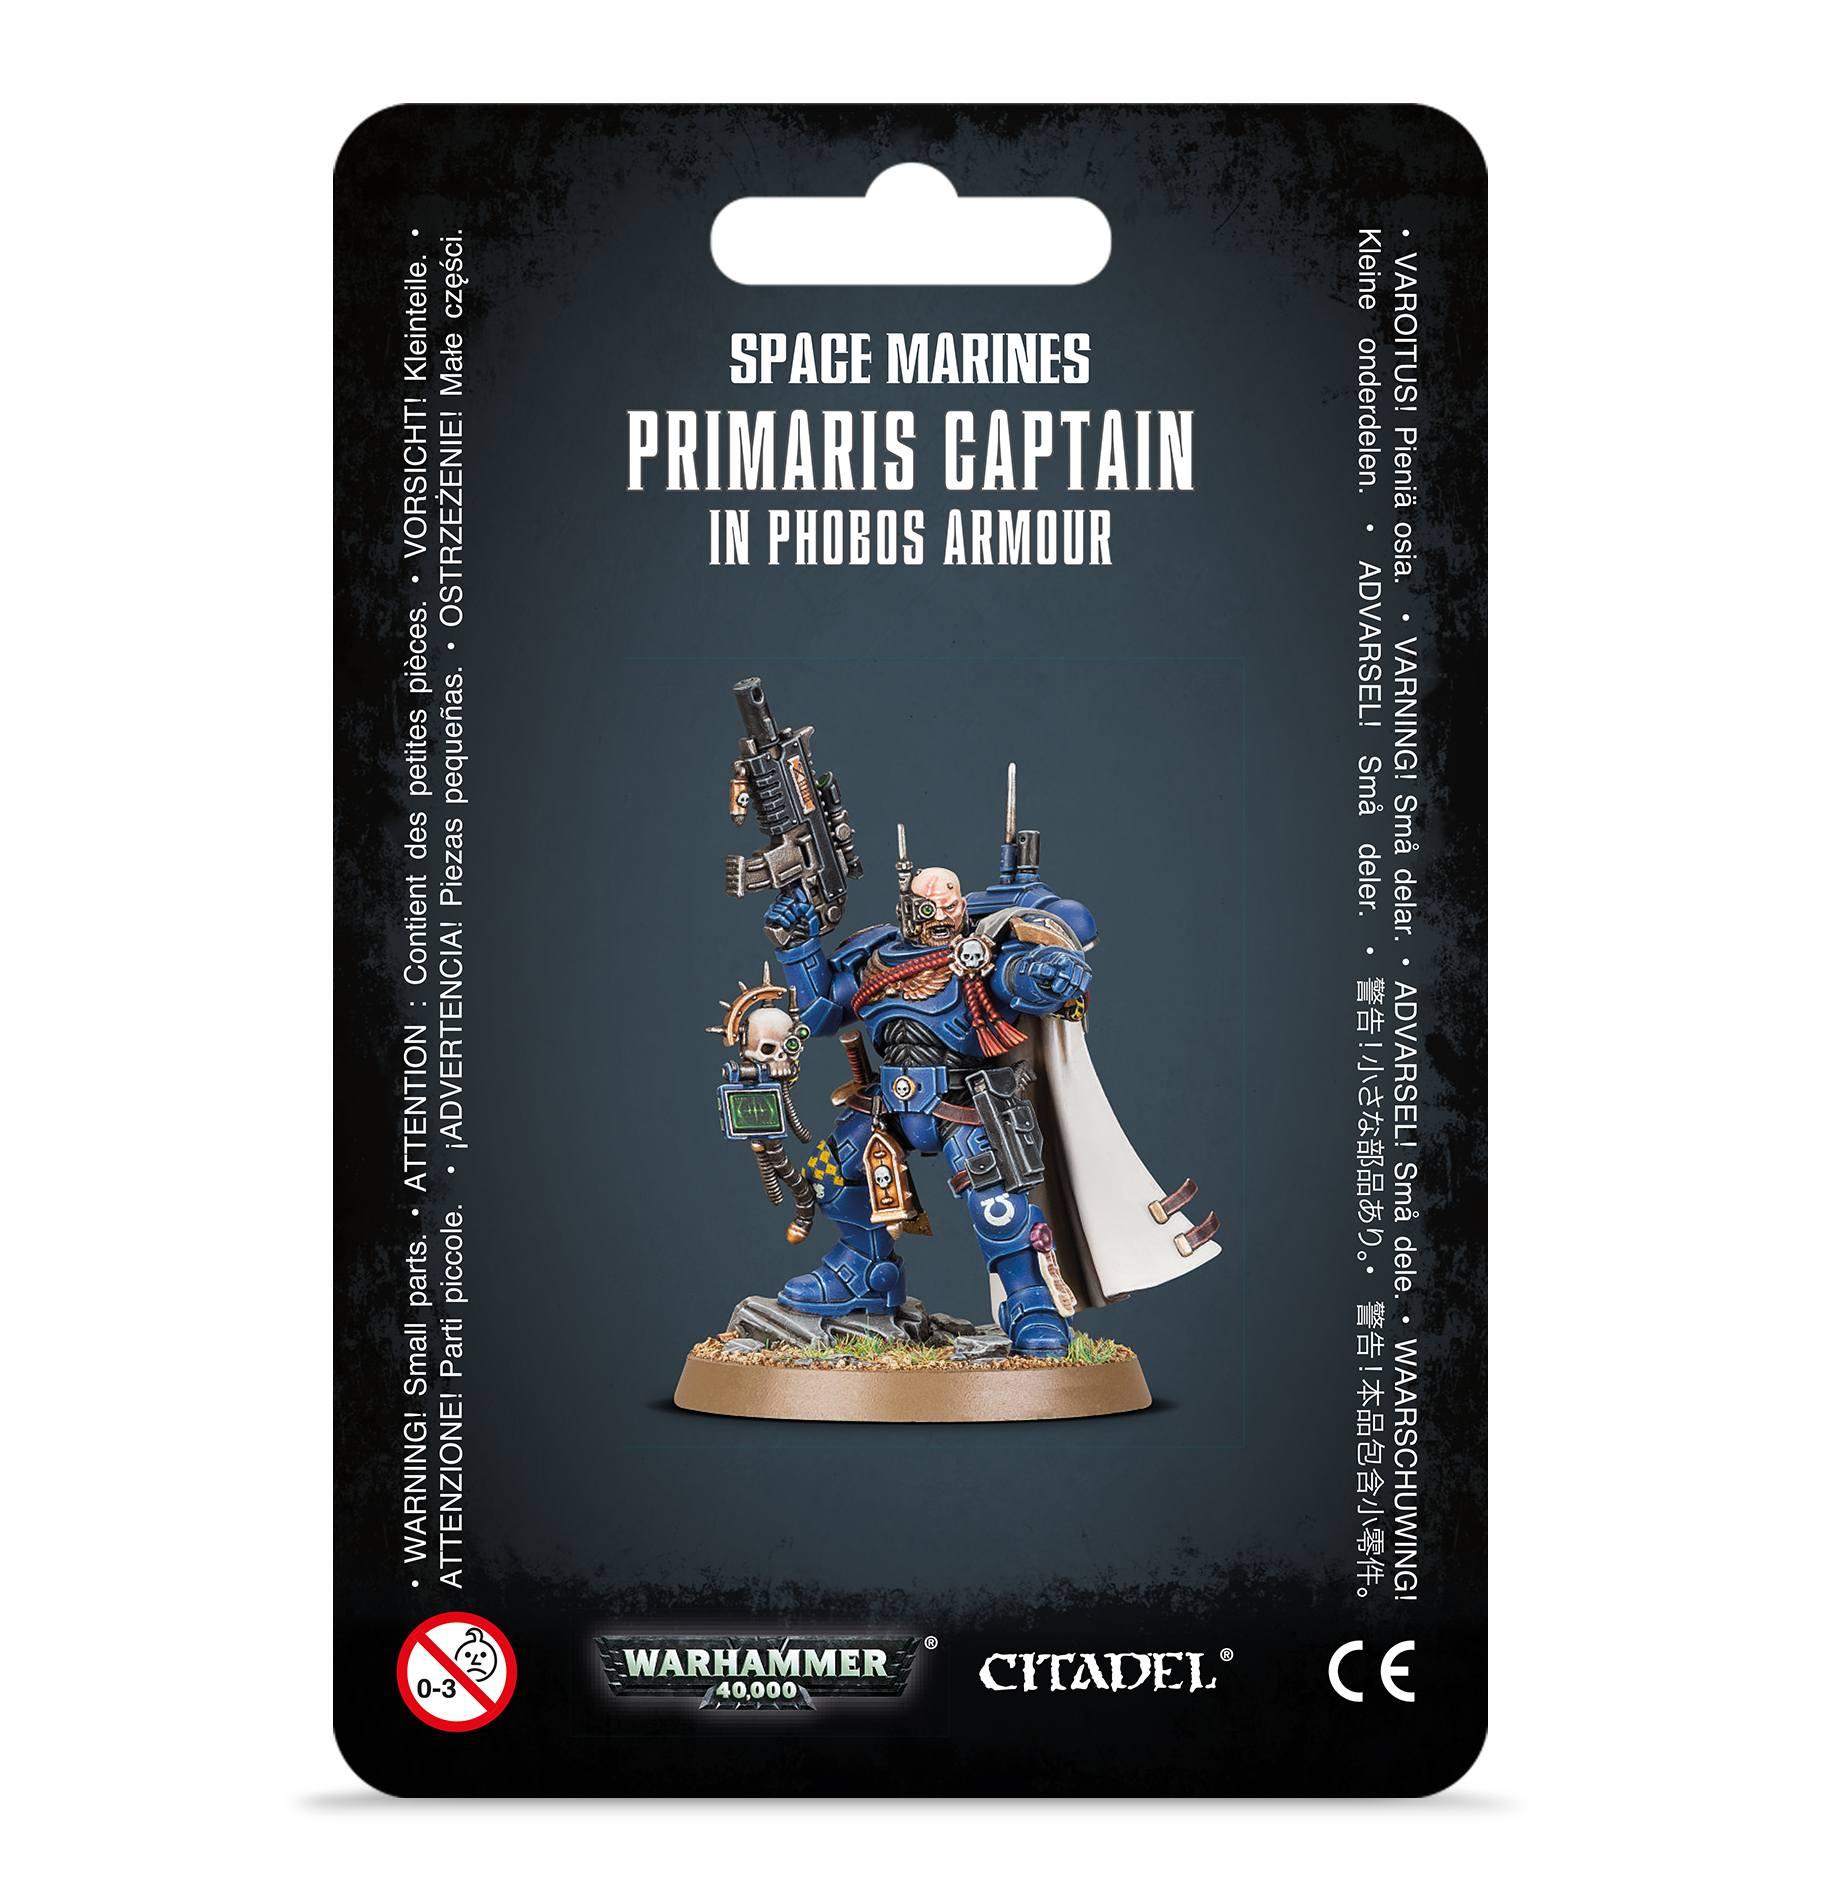 Primaris Captain in Phobos Armour